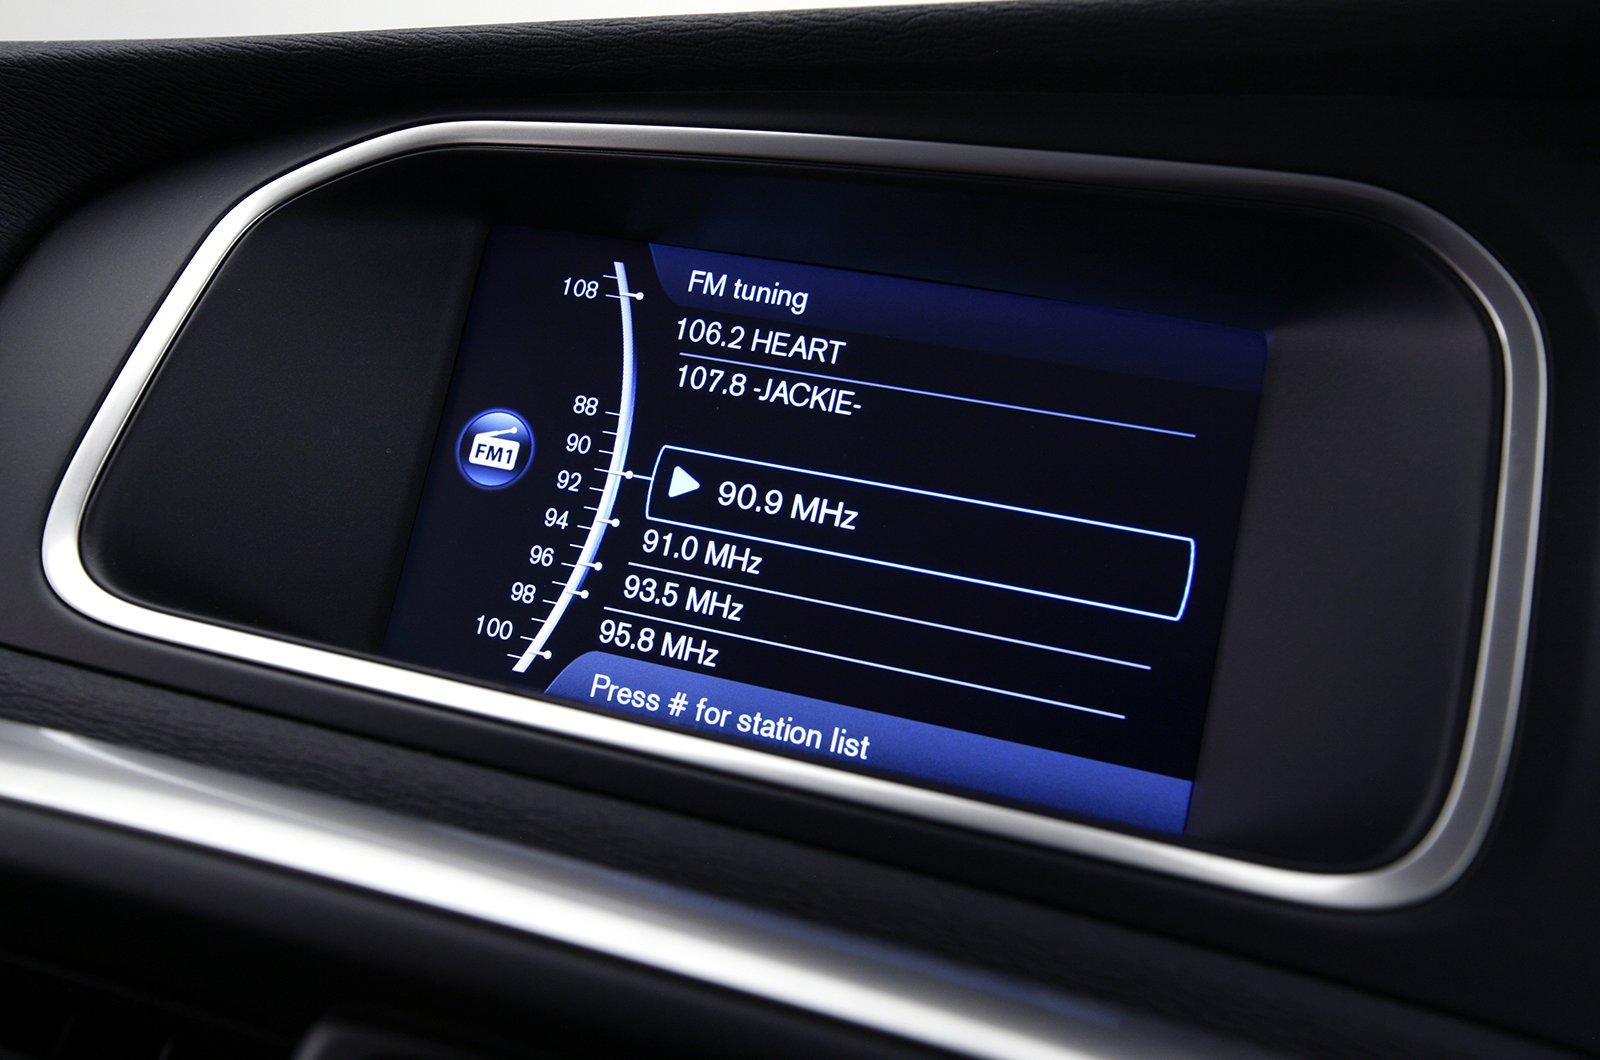 Volvo V40 2012-2019 infotainment